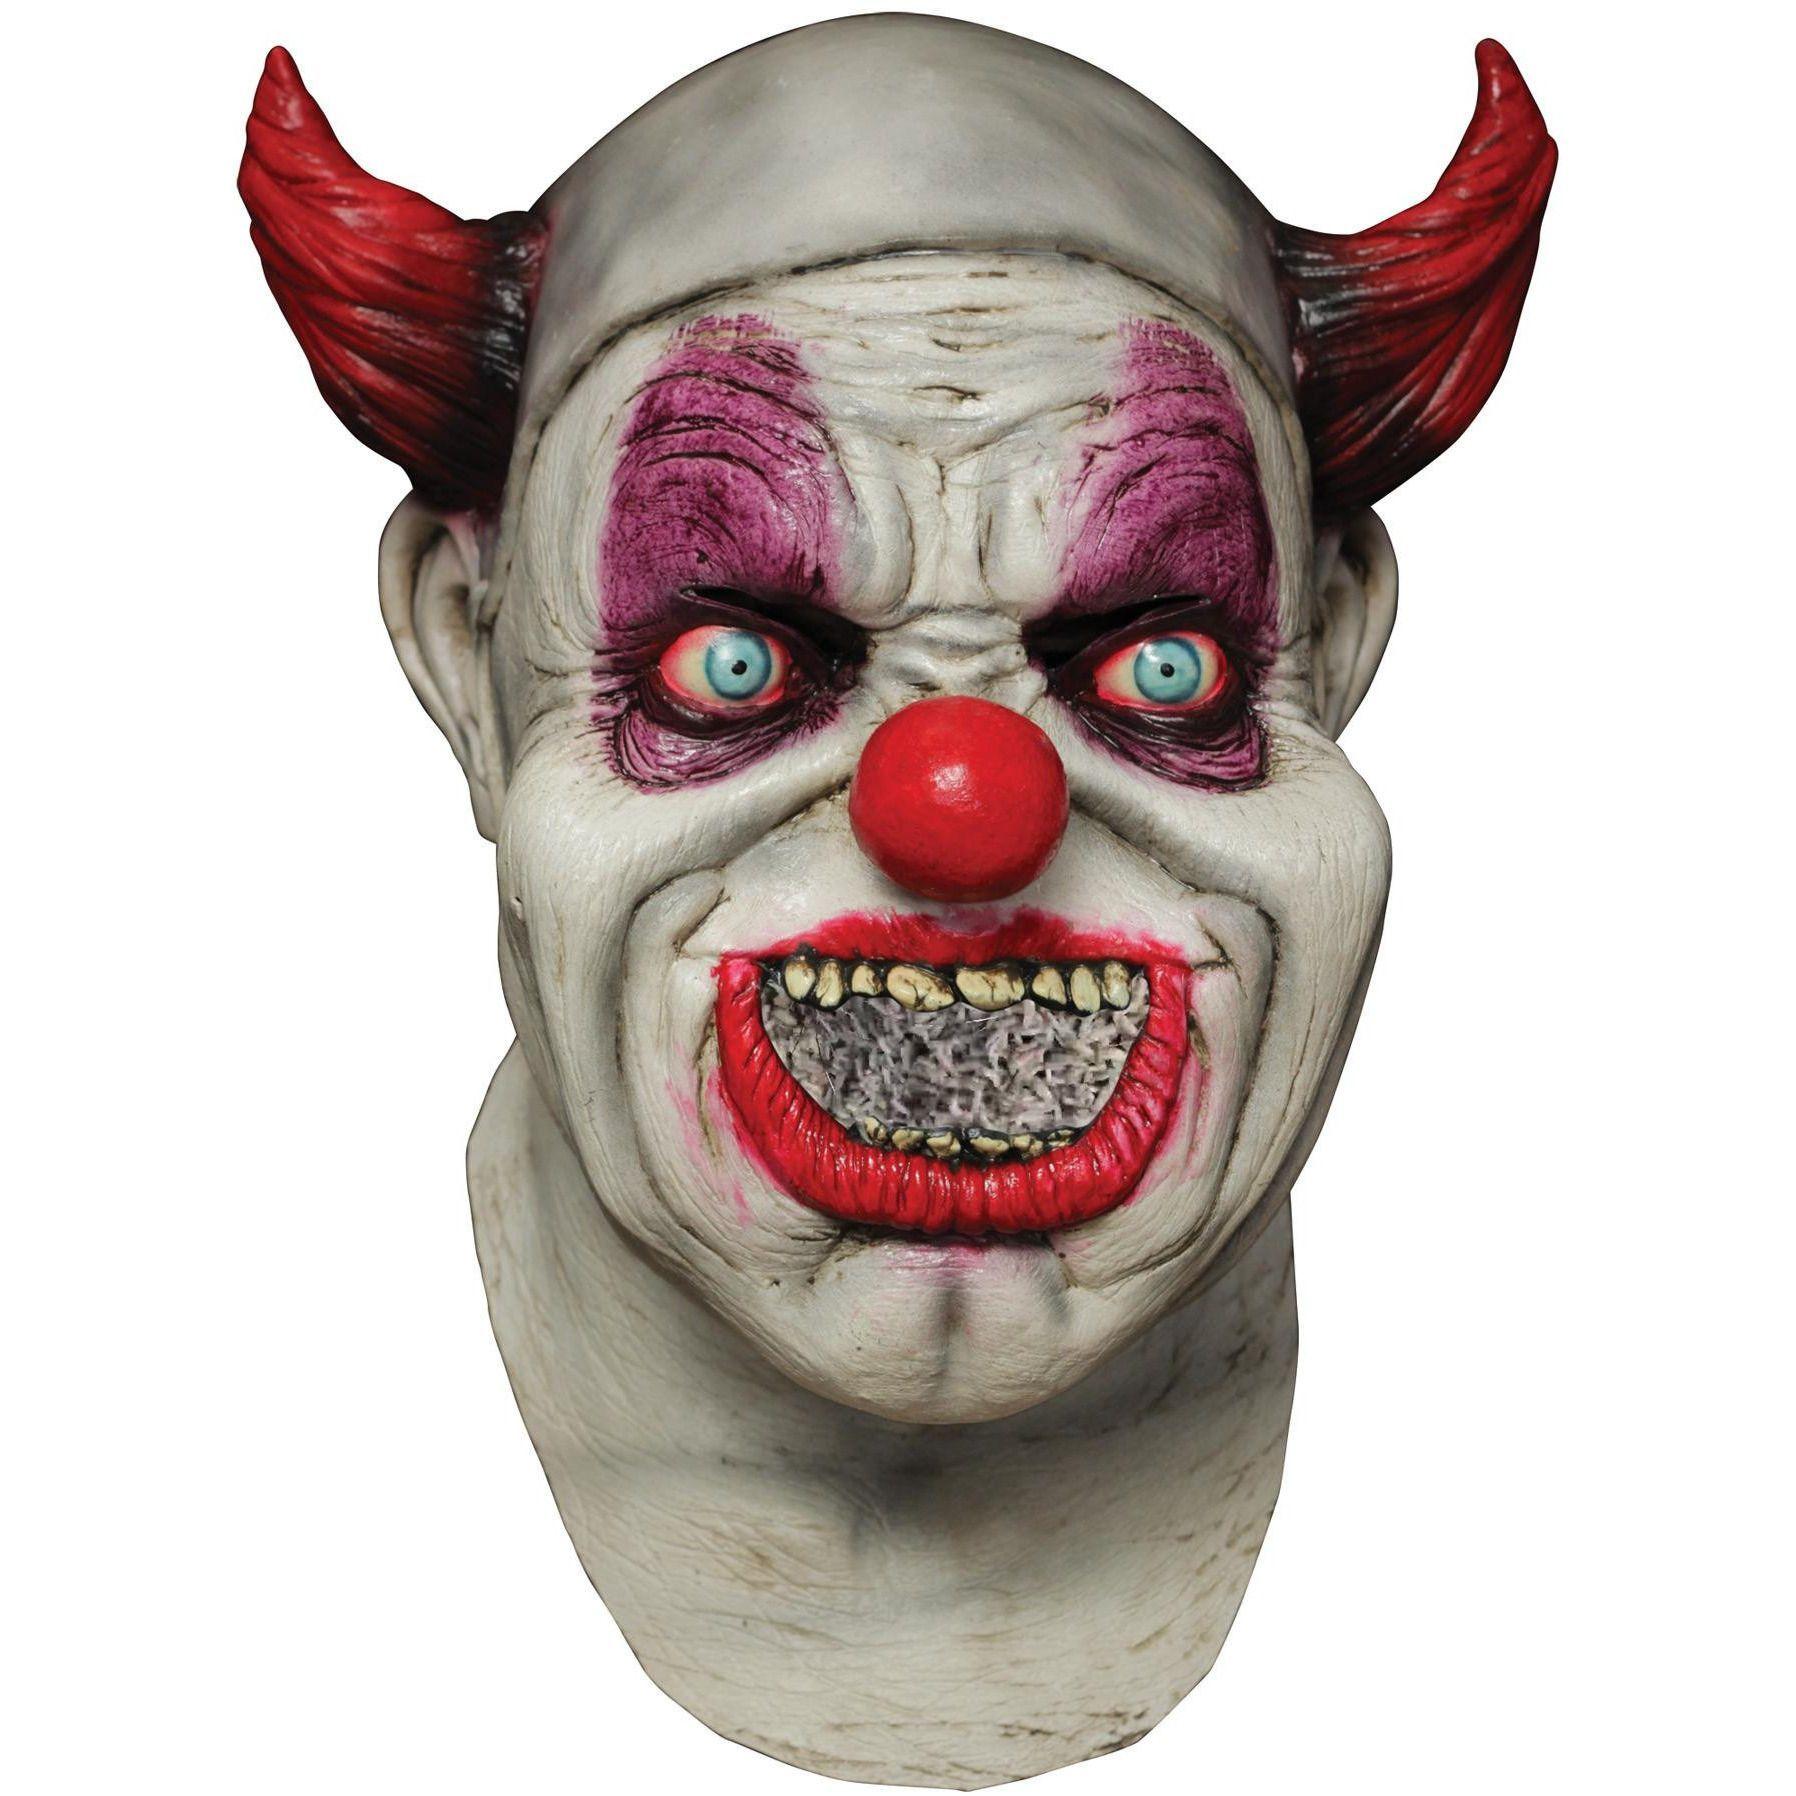 Clown Mouth Digital